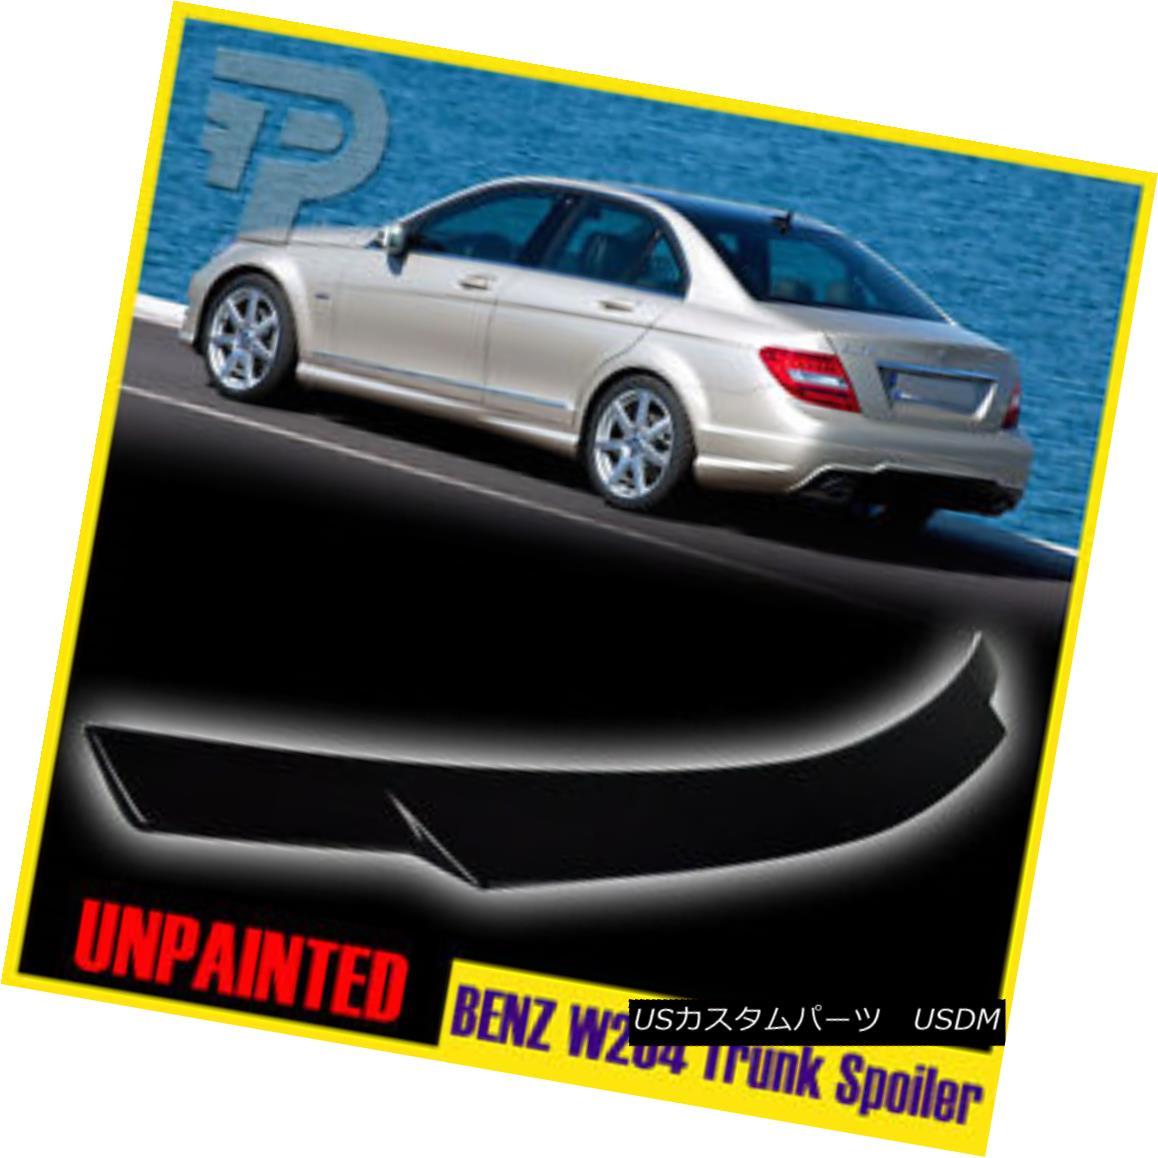 エアロパーツ Unpainted Mercedes BENZ W204 4D SEDAN V TYPE TRUNK SPOILER BOOT ▼ 未塗装のメルセデスベンツW204 4DセダンV型トランクスポイラーブーツ?